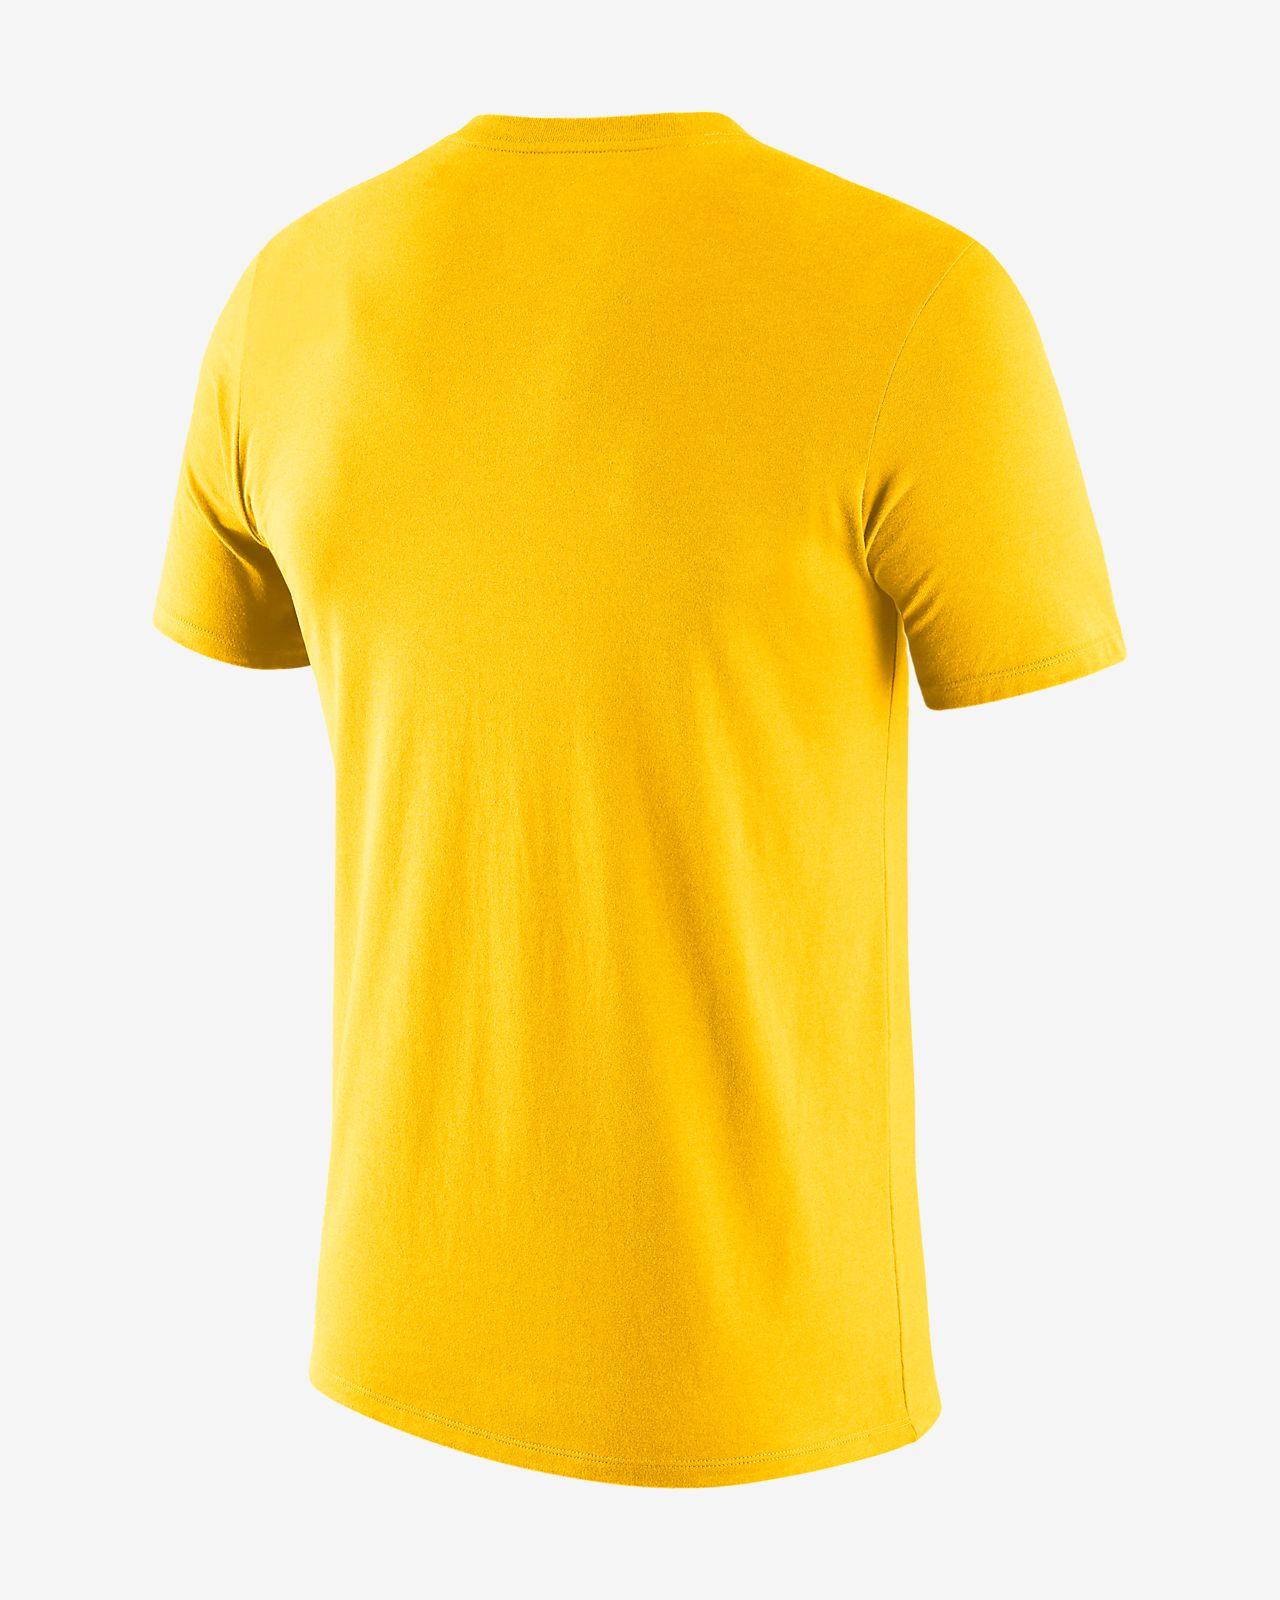 Golden State Warriors 2018 Playoffs Team Mantra Men s NBA T Shirt